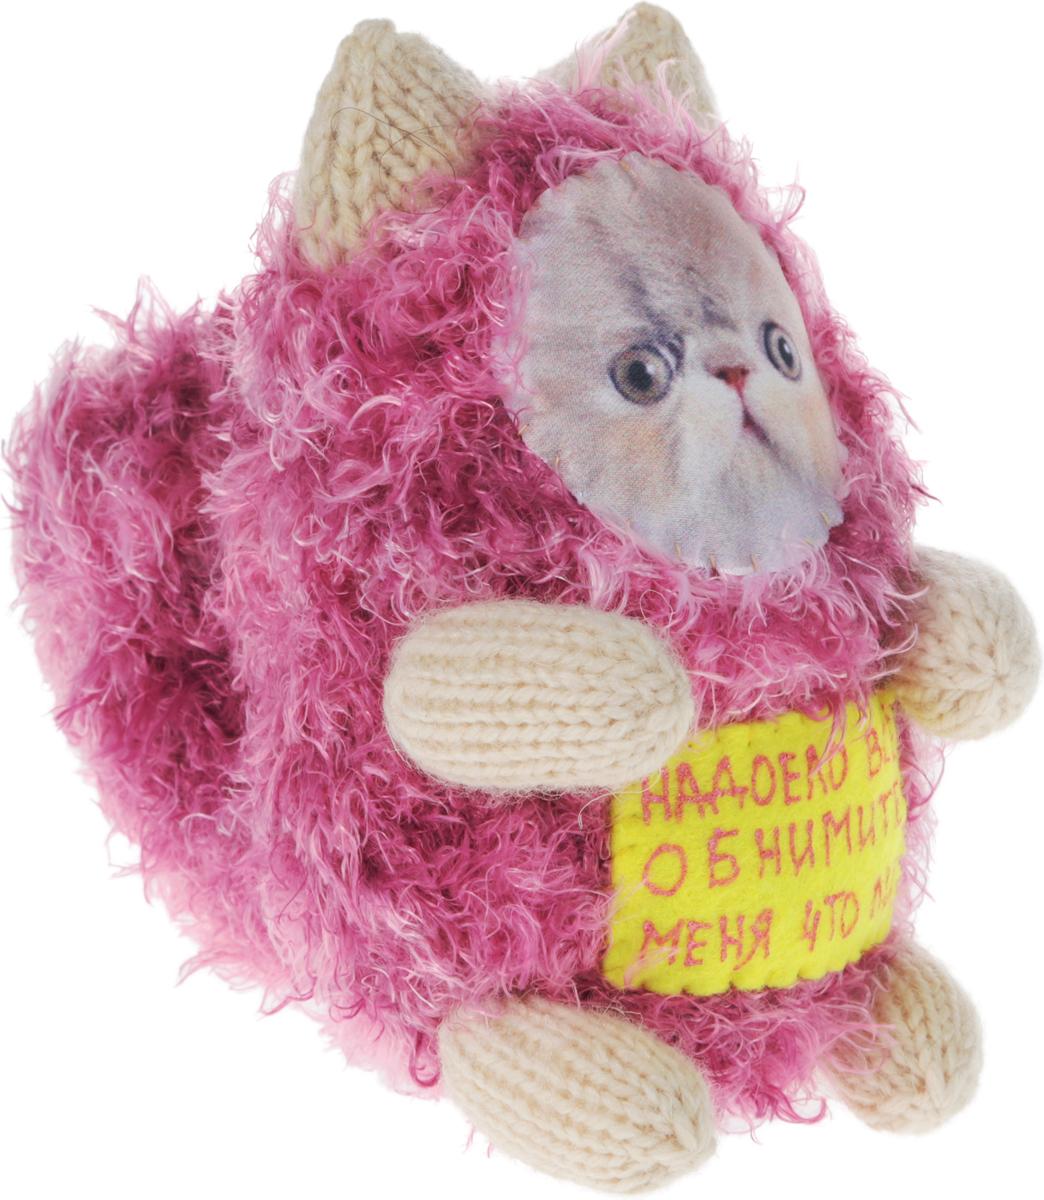 Мягкая игрушка Бюро находок Котик. Надоело все, цвет: розовый, белый, 15 см рюмка бюро находок сними напряжение цвет прозрачный